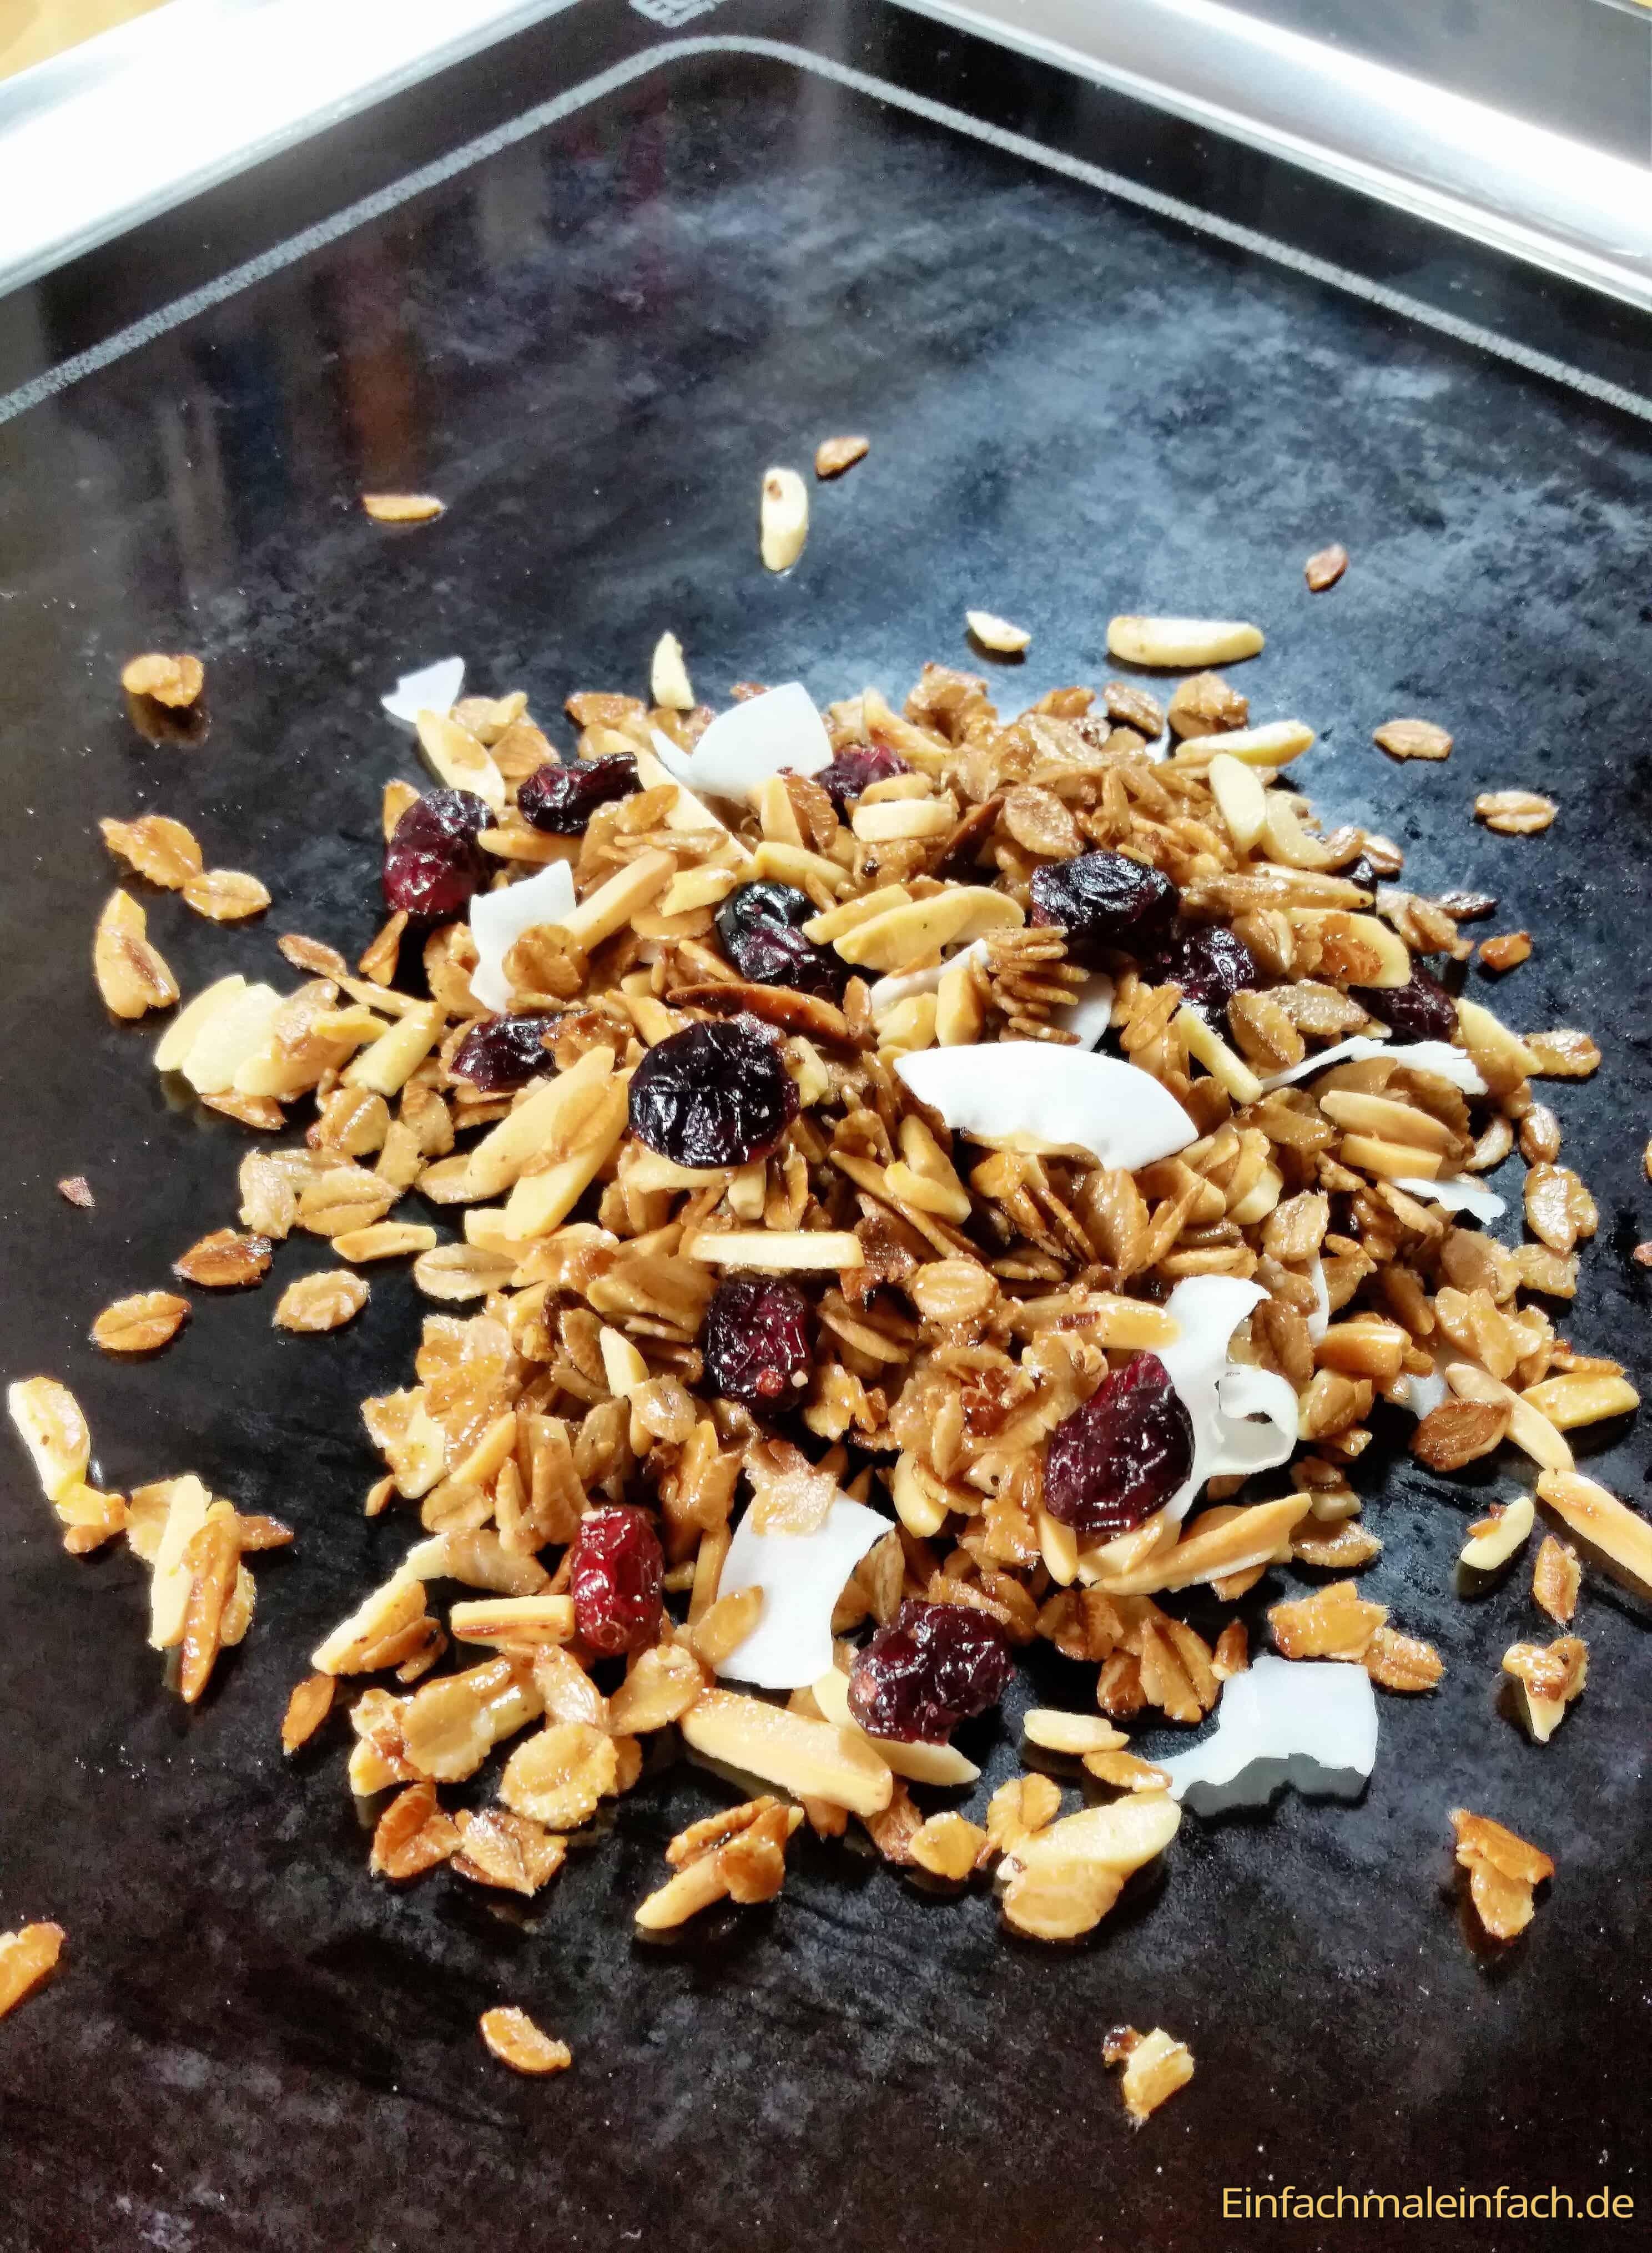 LeMax0001-knuspermüsli-granola-crunchy-vom-grill